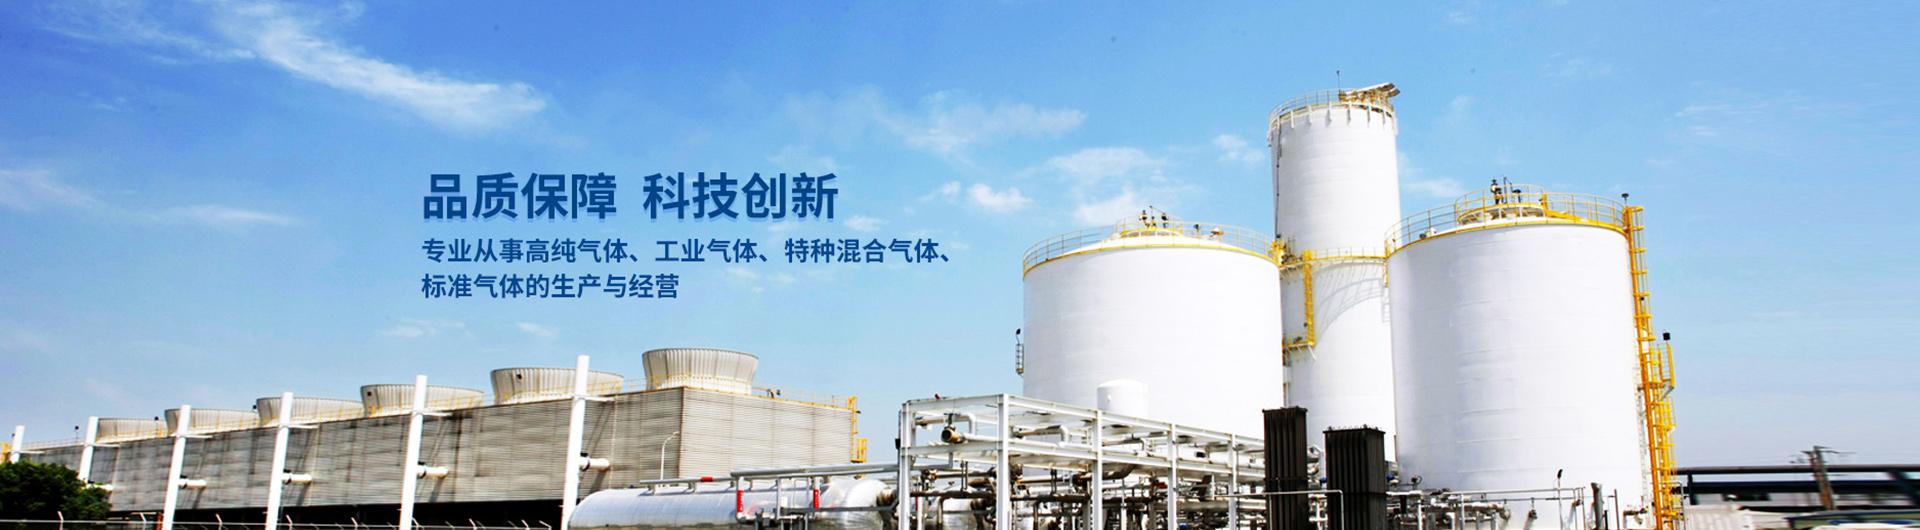 保定工業氣體